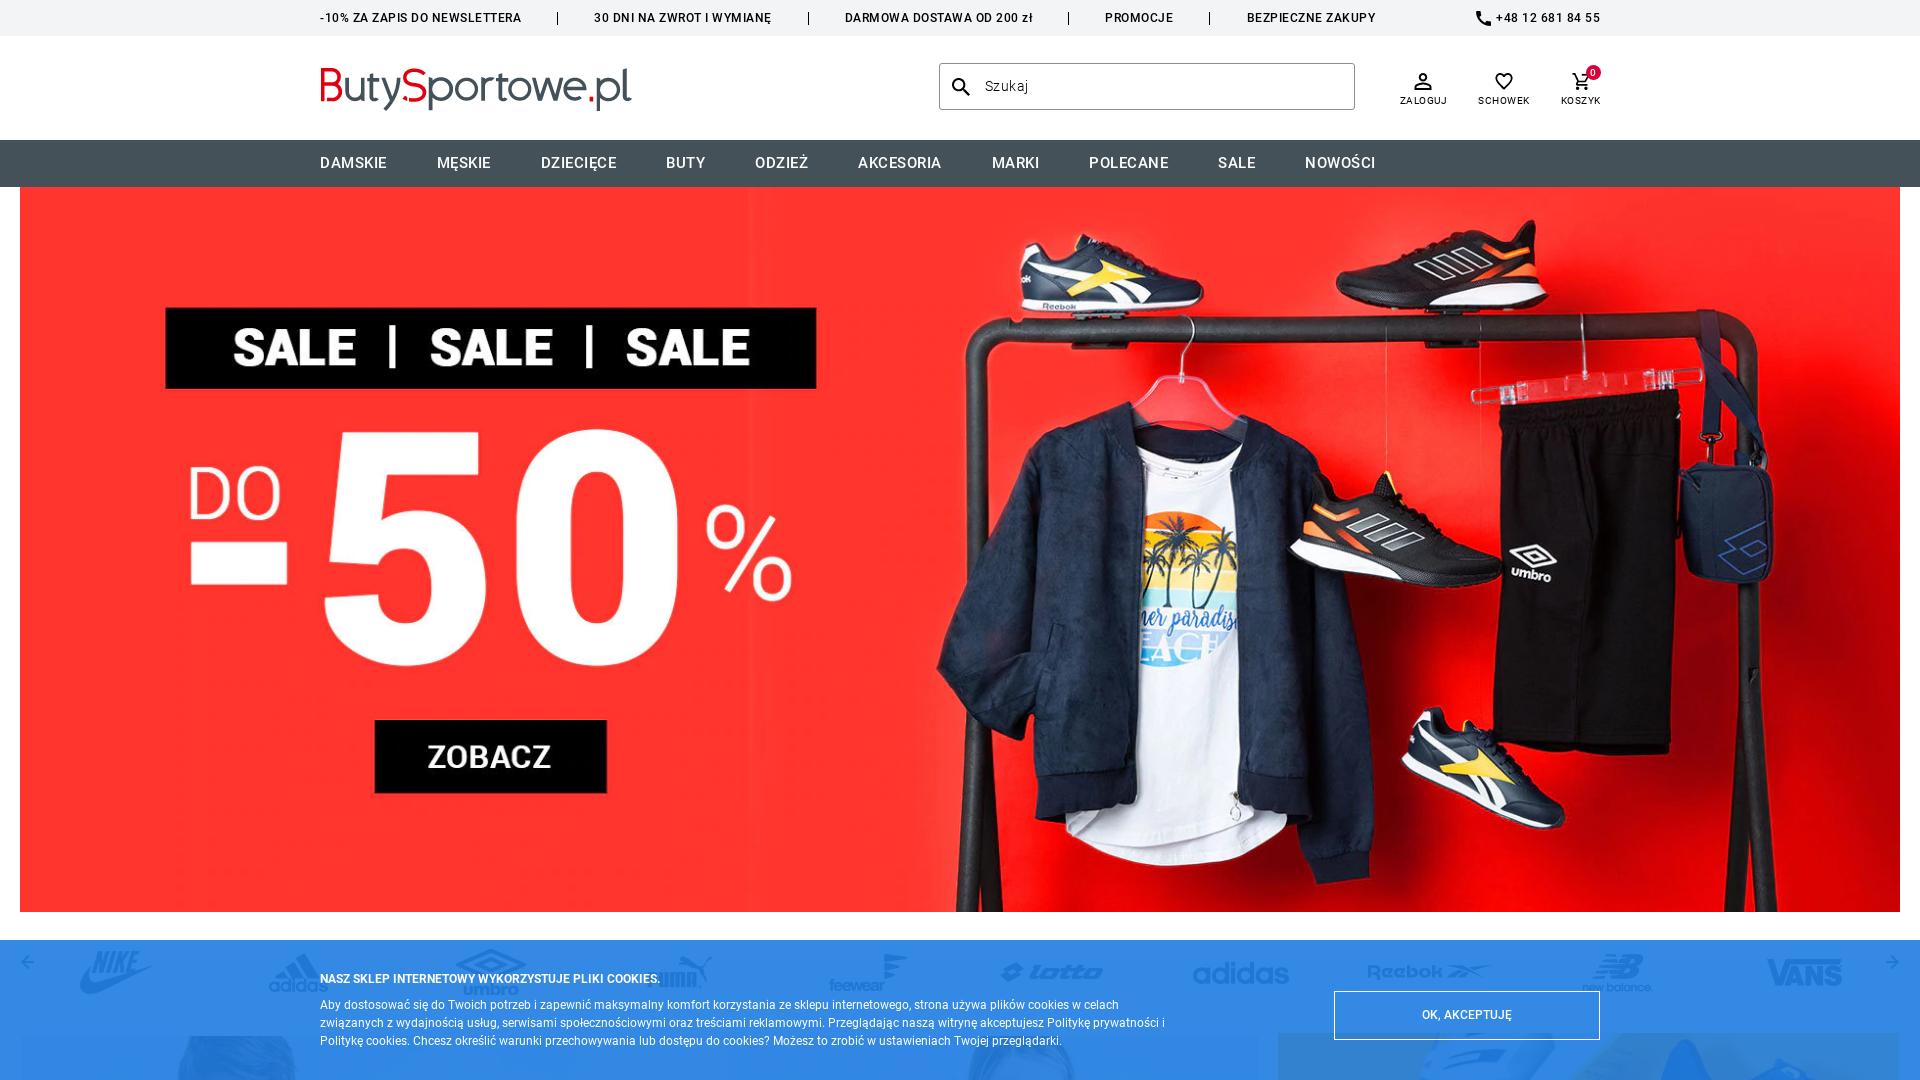 ButySportowe PL website